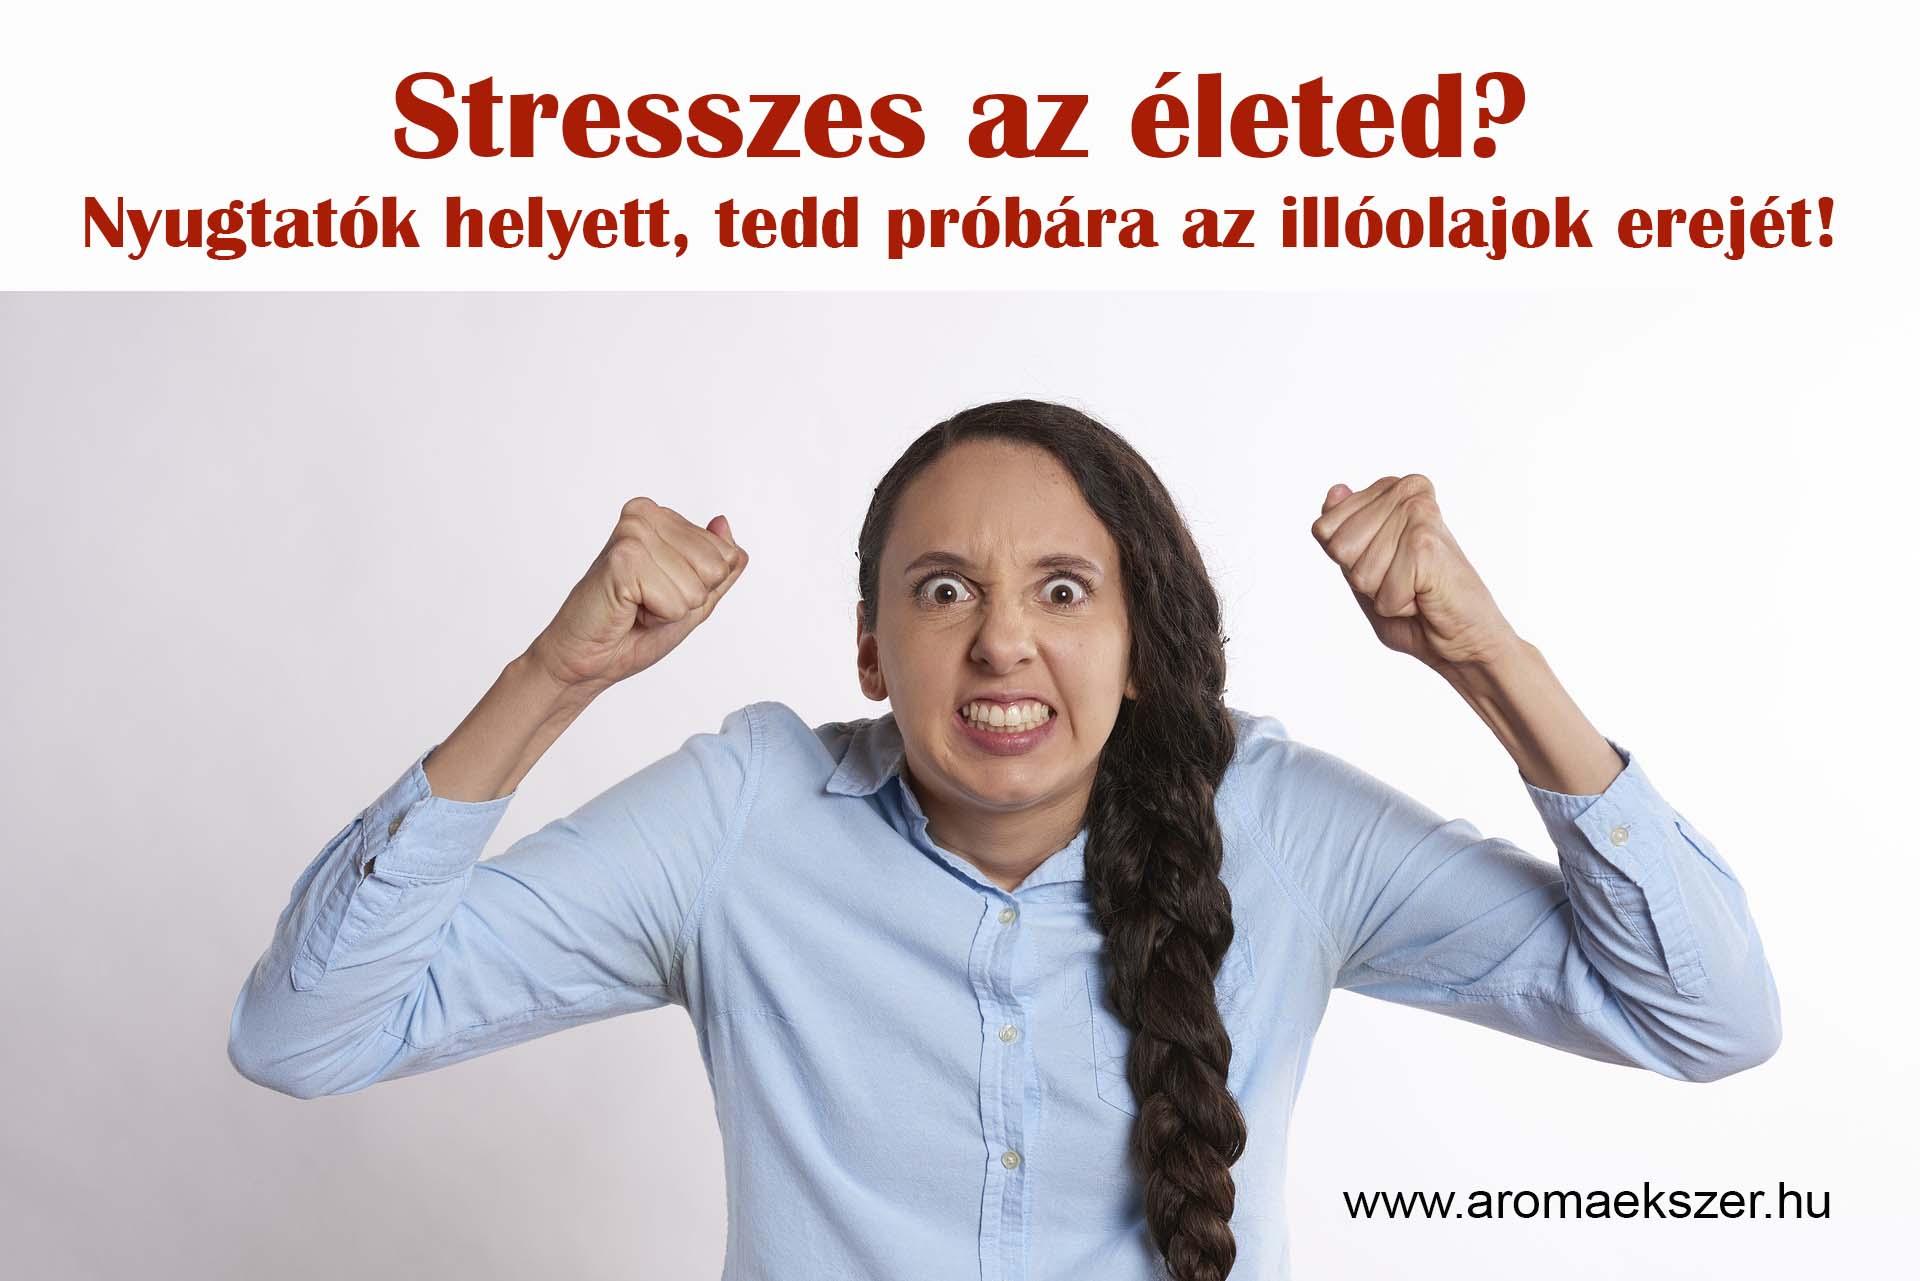 stresszes_az_eleted - aromaekszer.hu